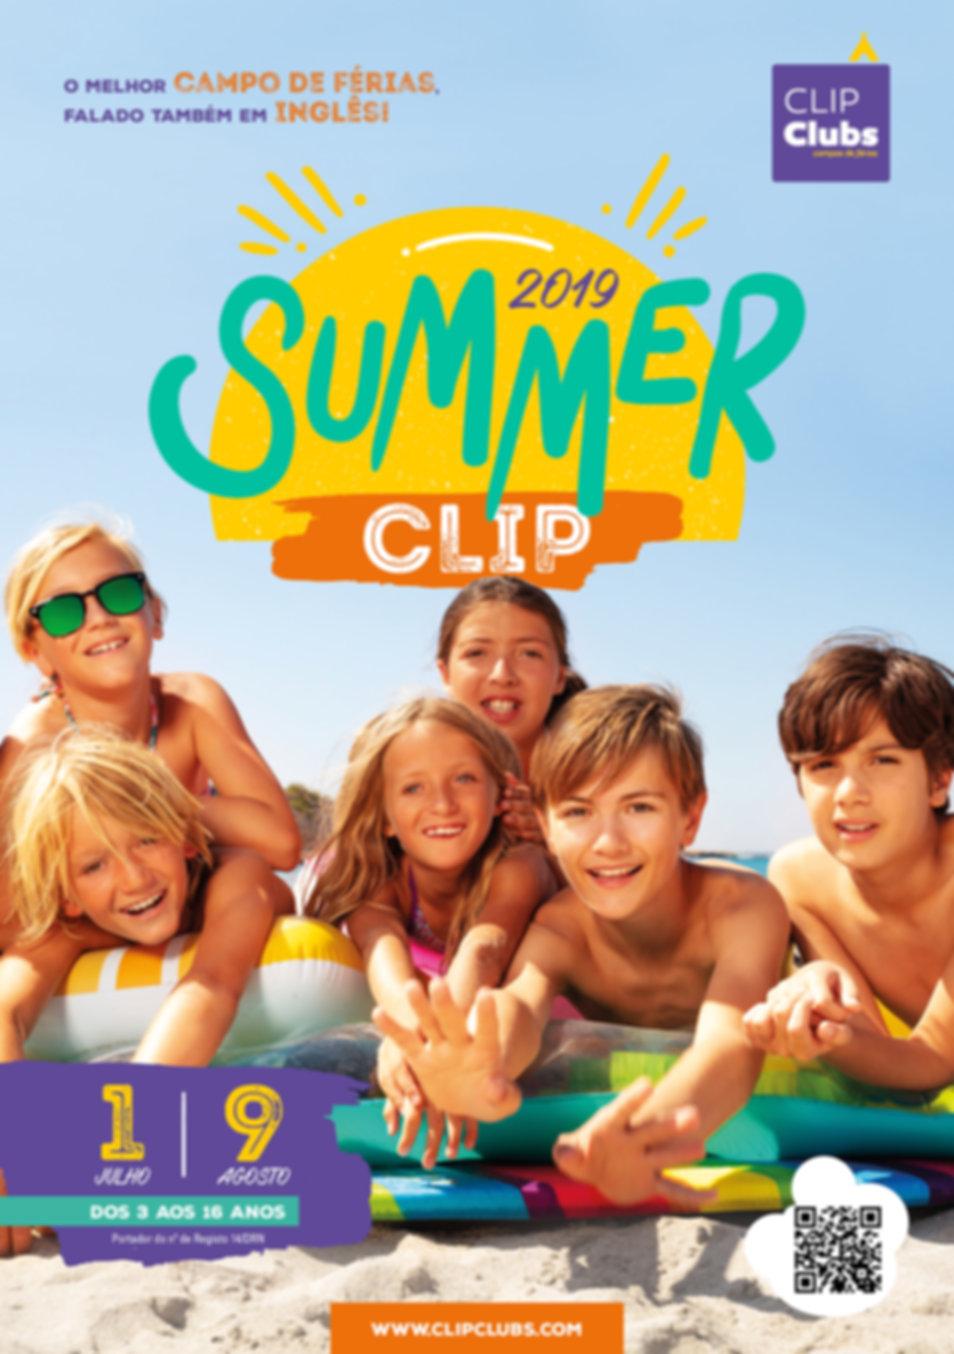 SUMMER-CLIP-2019_brochura-PT1.jpg